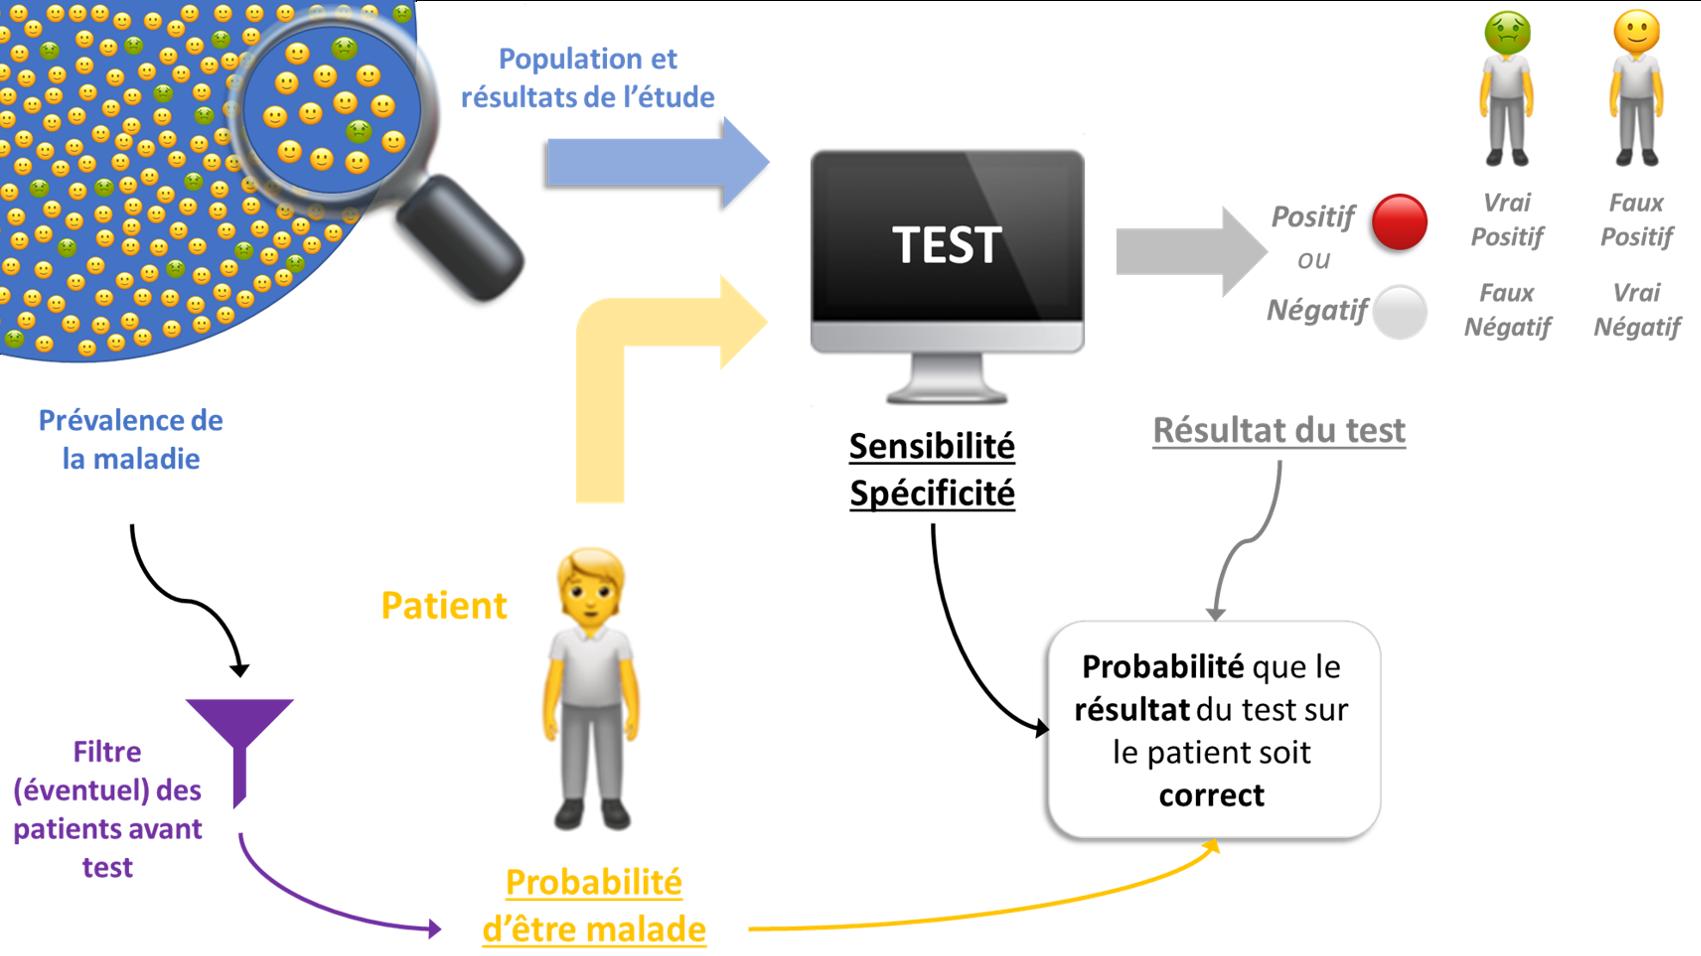 diagnostic et probabilités